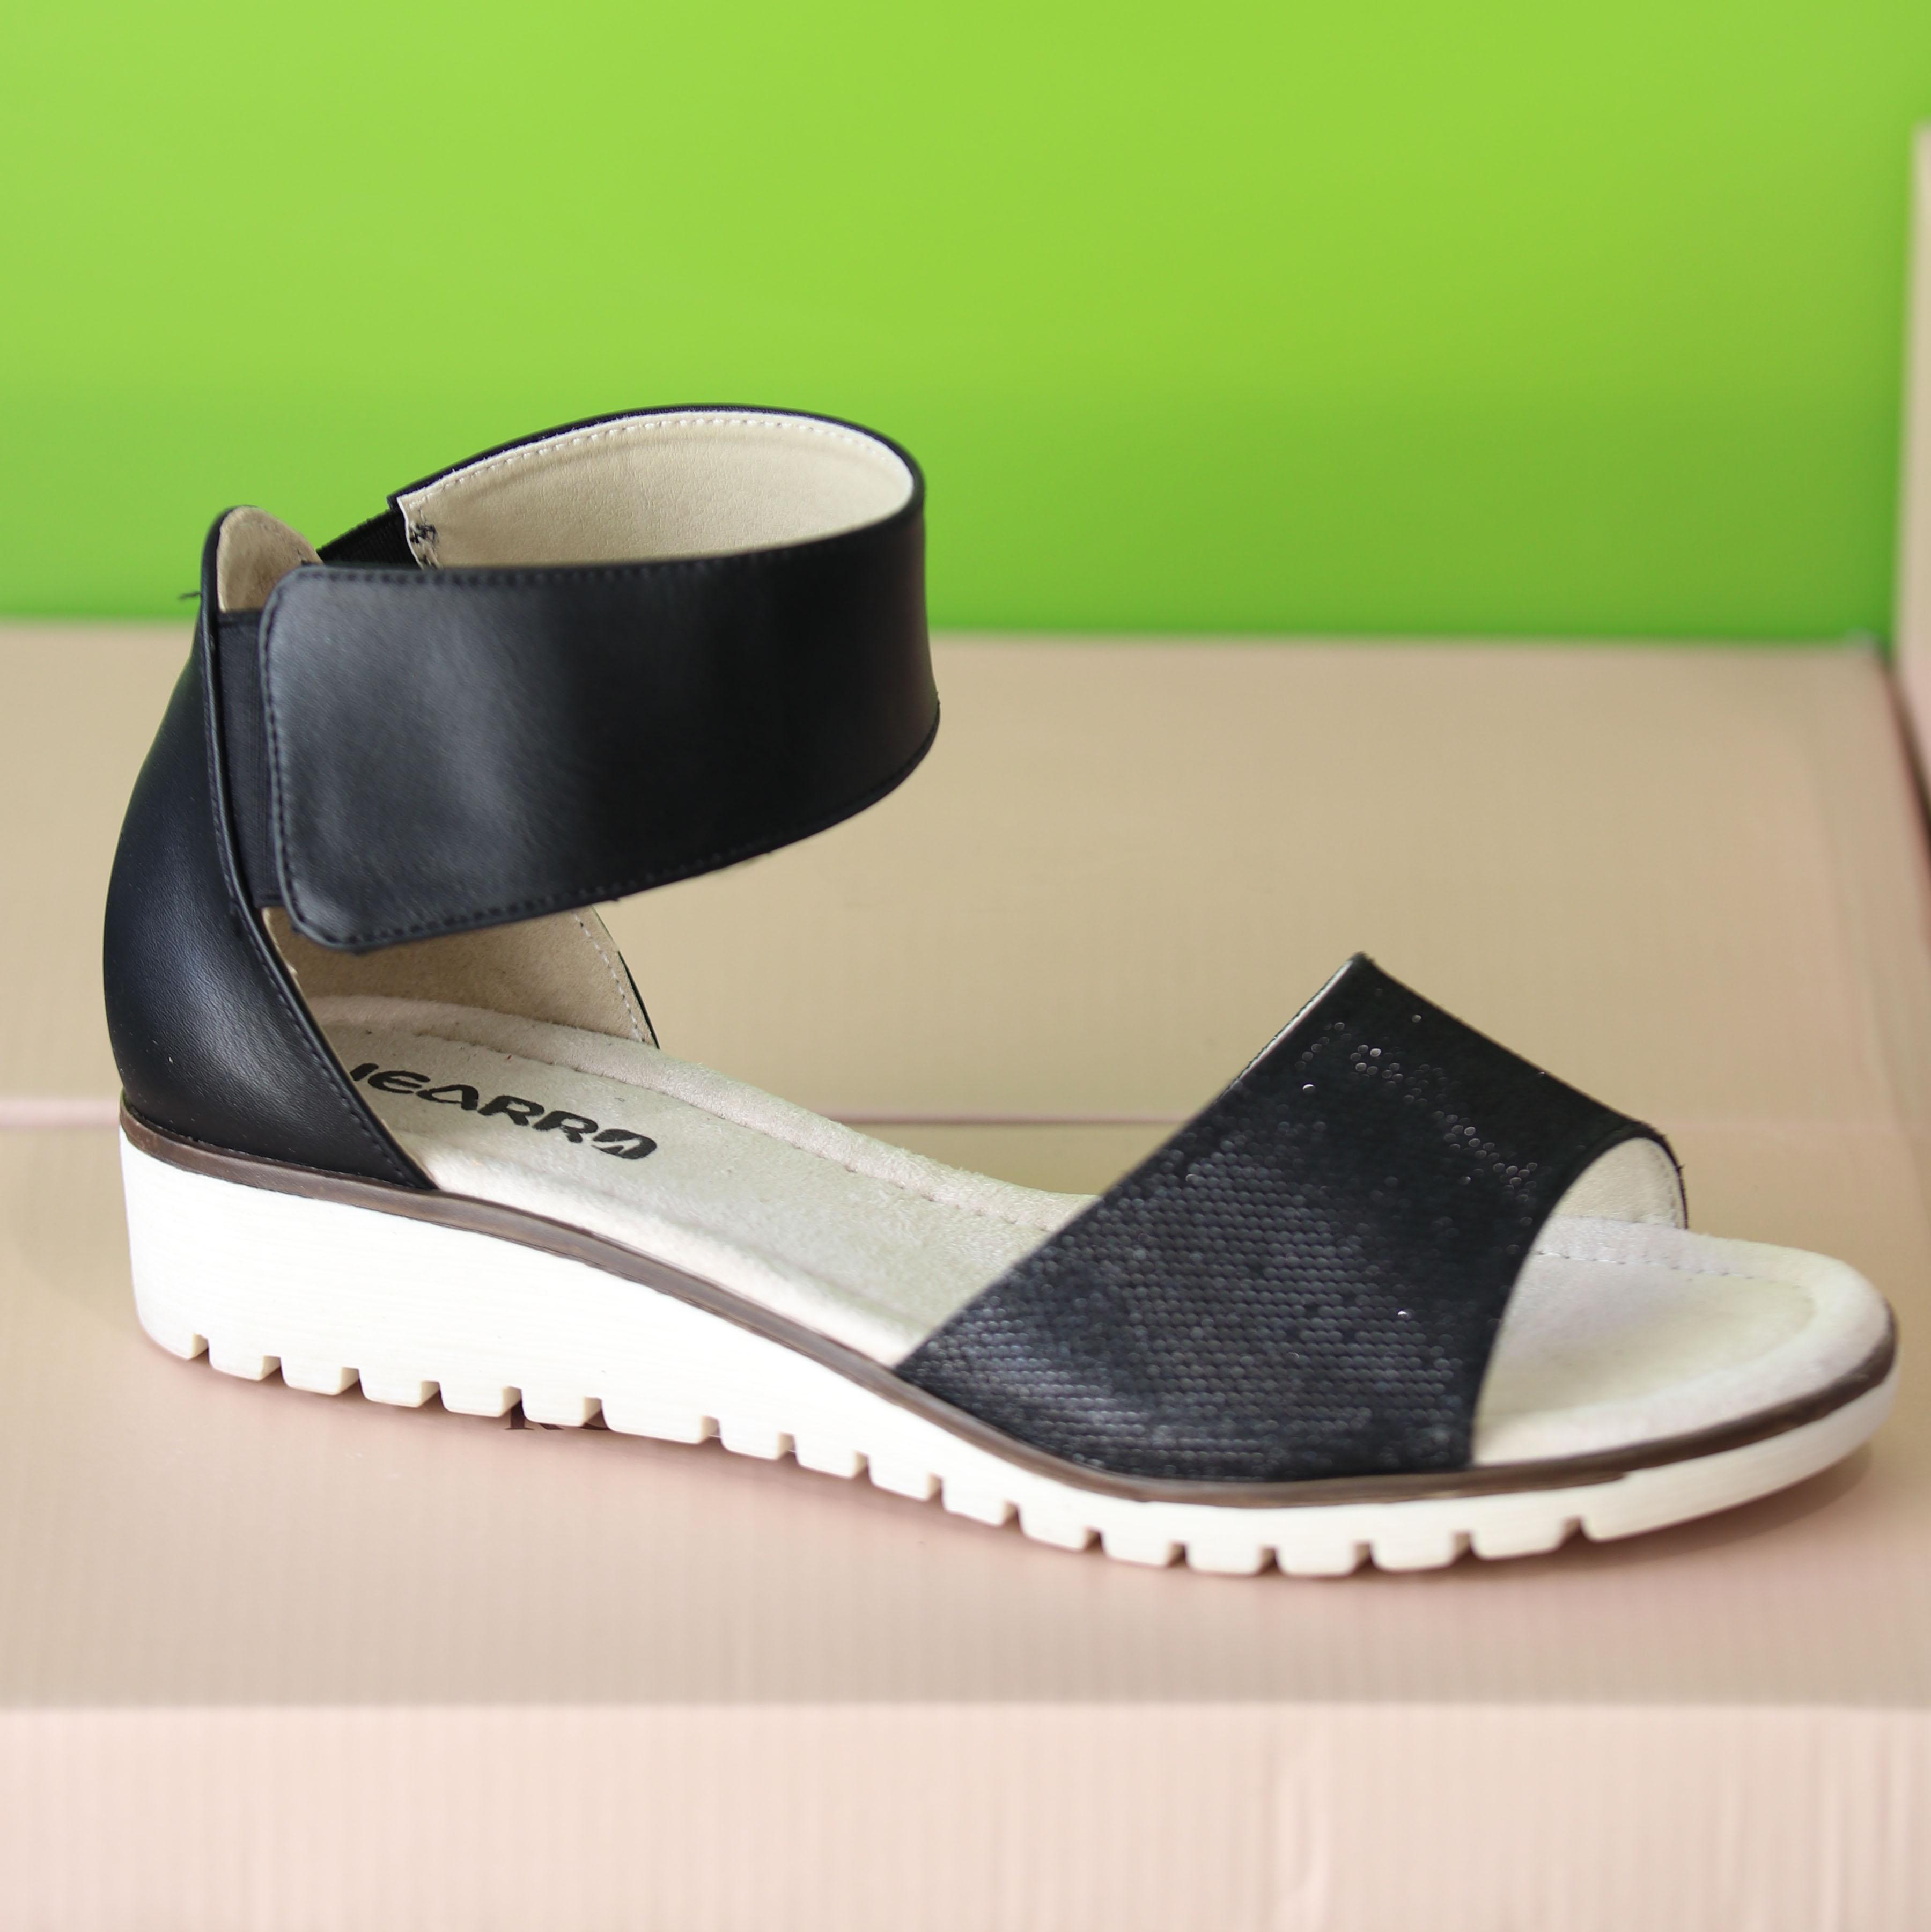 jearro sandal sort dame sommer1